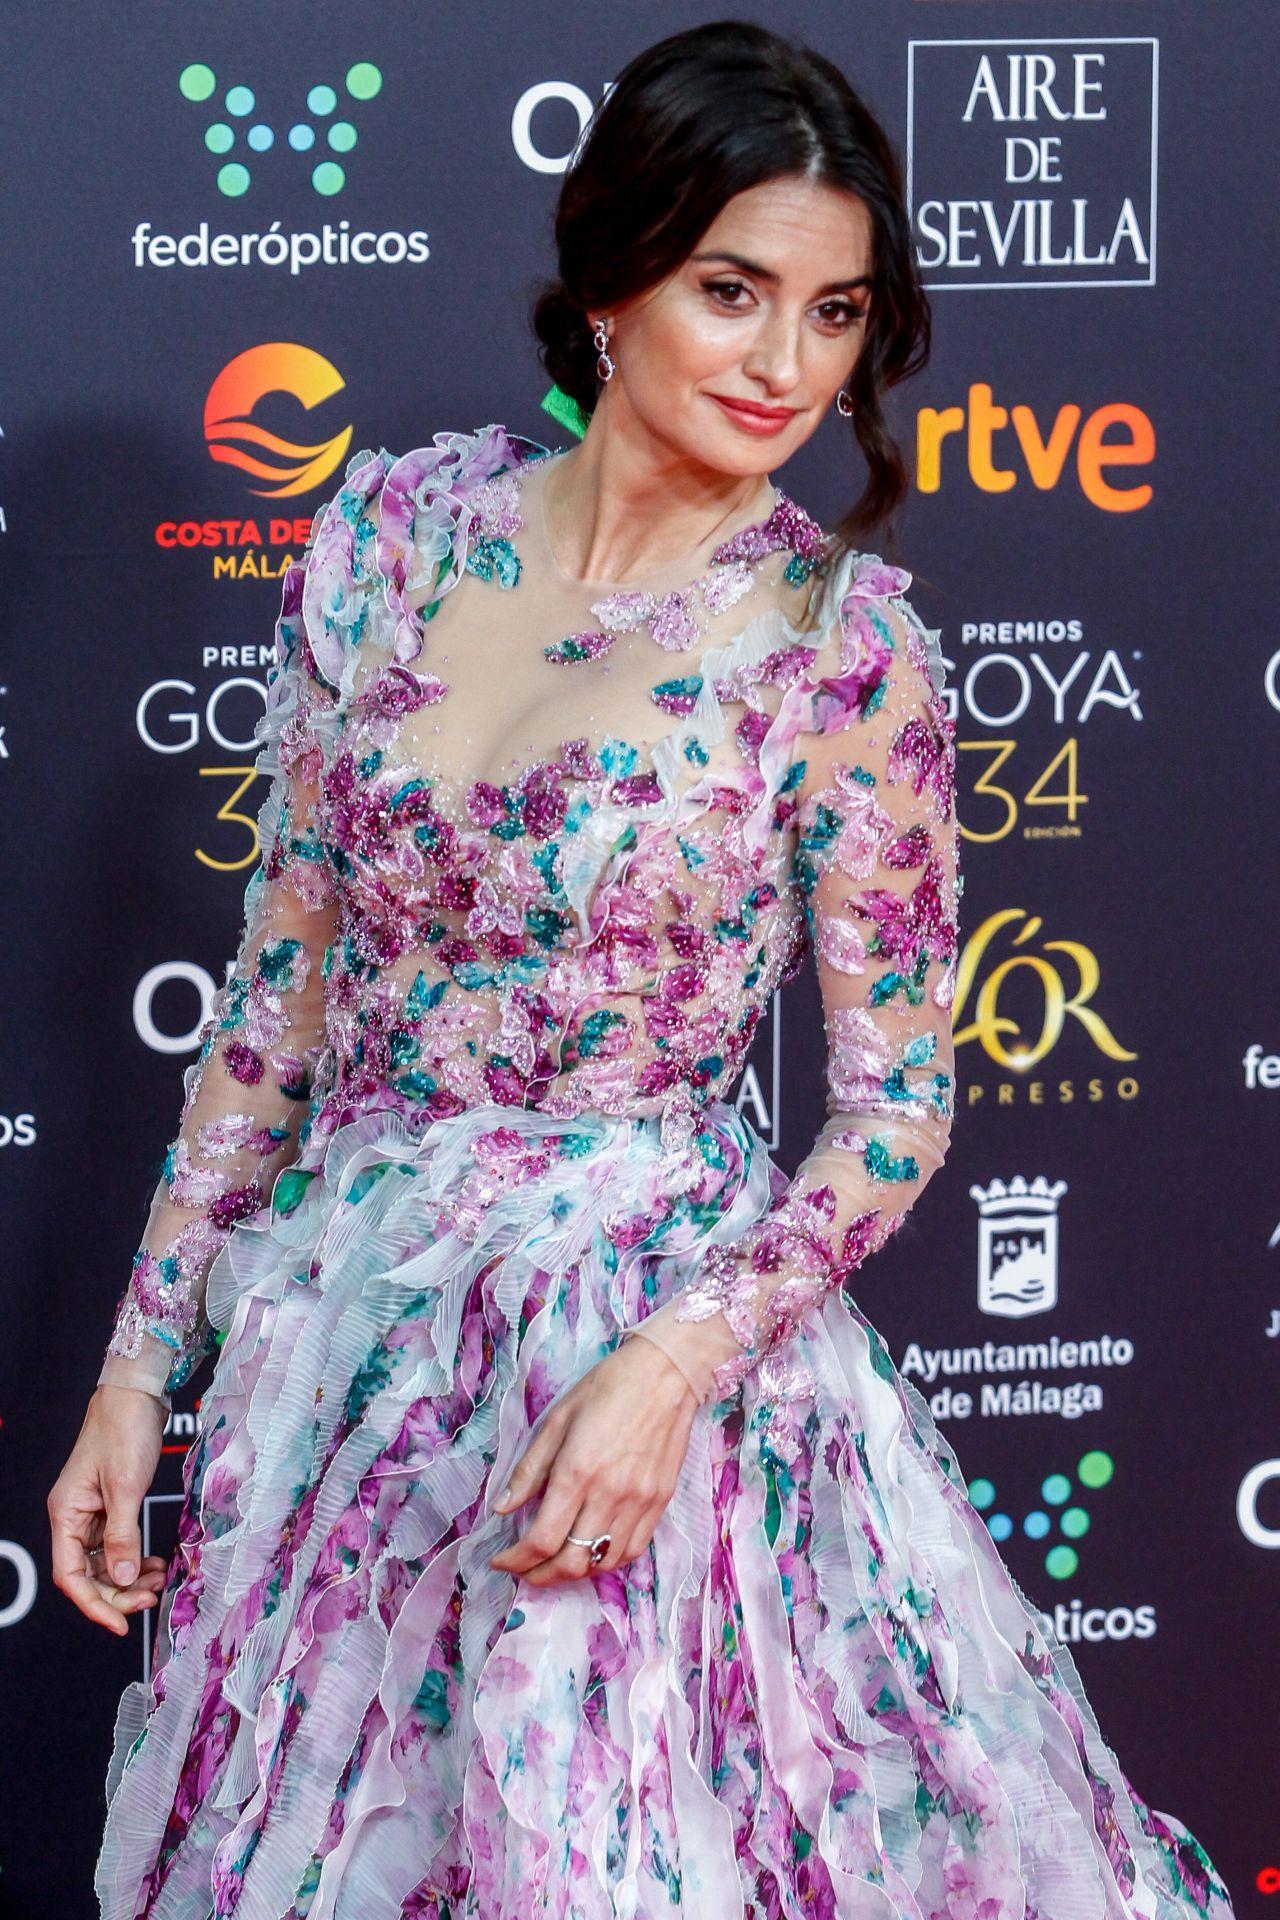 penelope-cruz-goya-cinema-awards-2020-red-carpet-in-madrid-01-25-2020-11.jpg